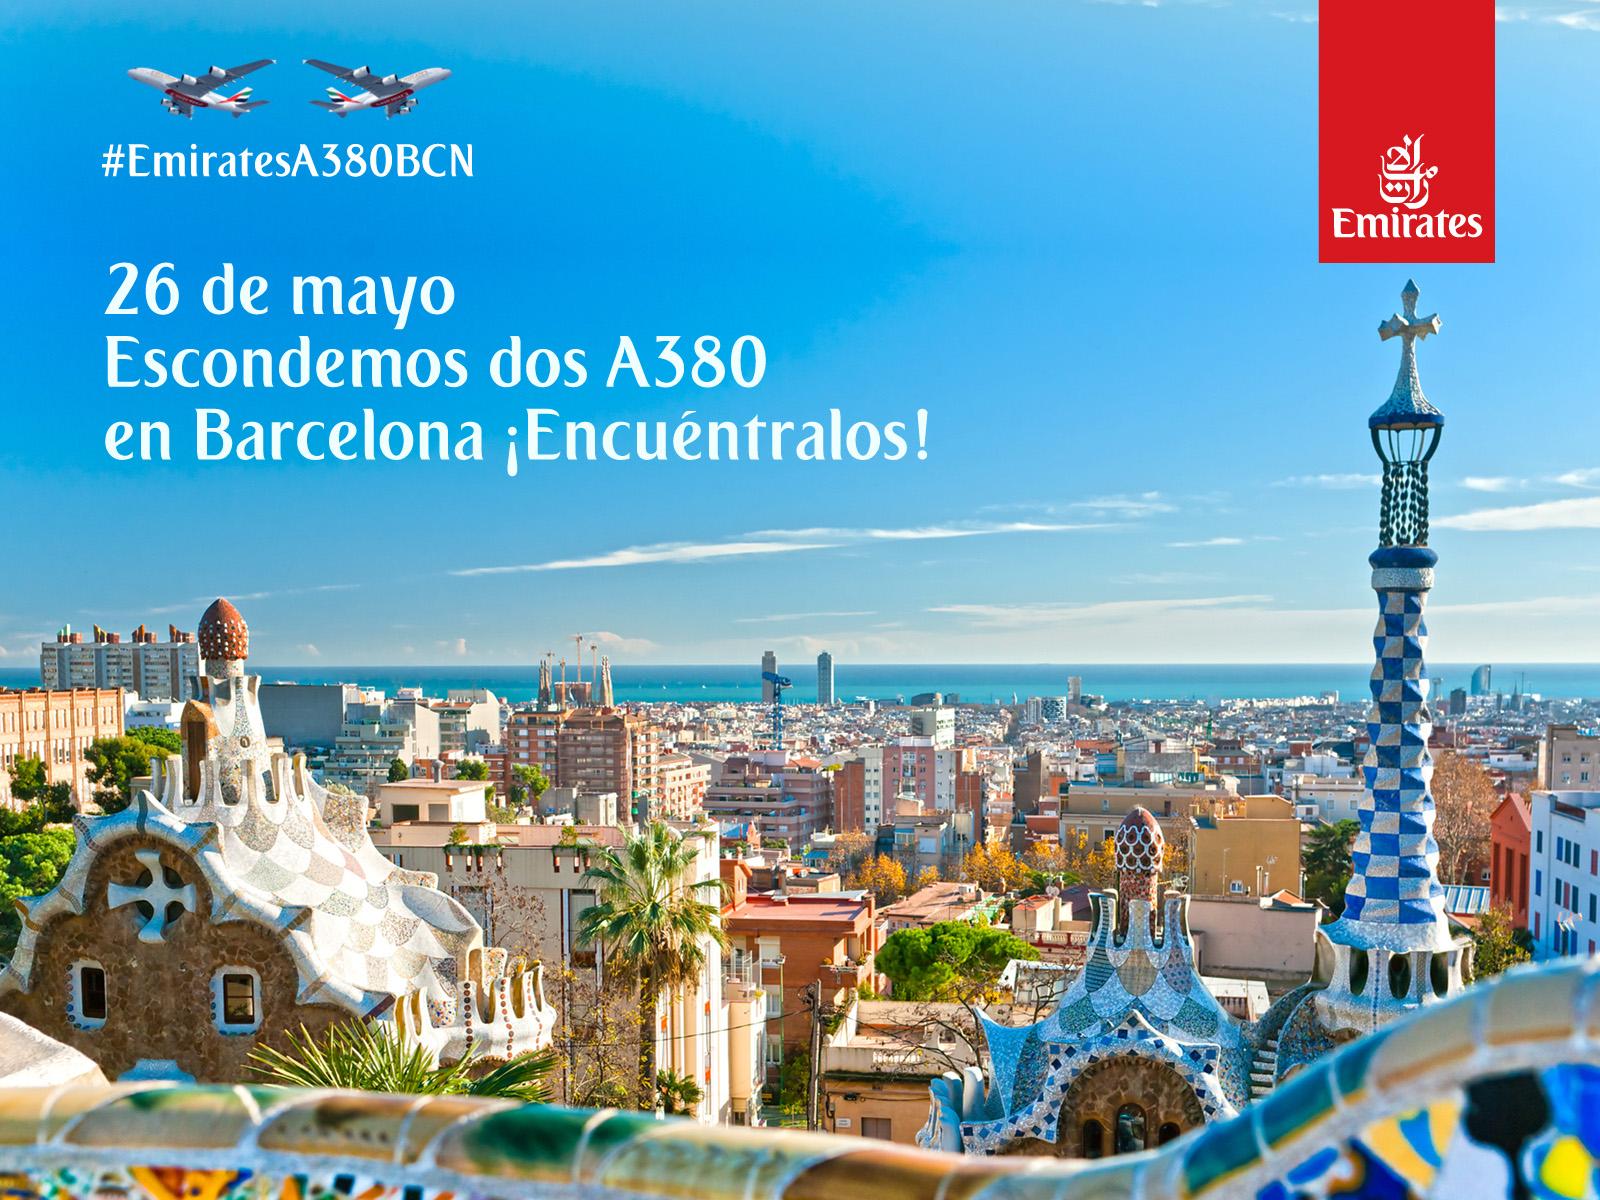 Emirates A380 hunt Barcelona